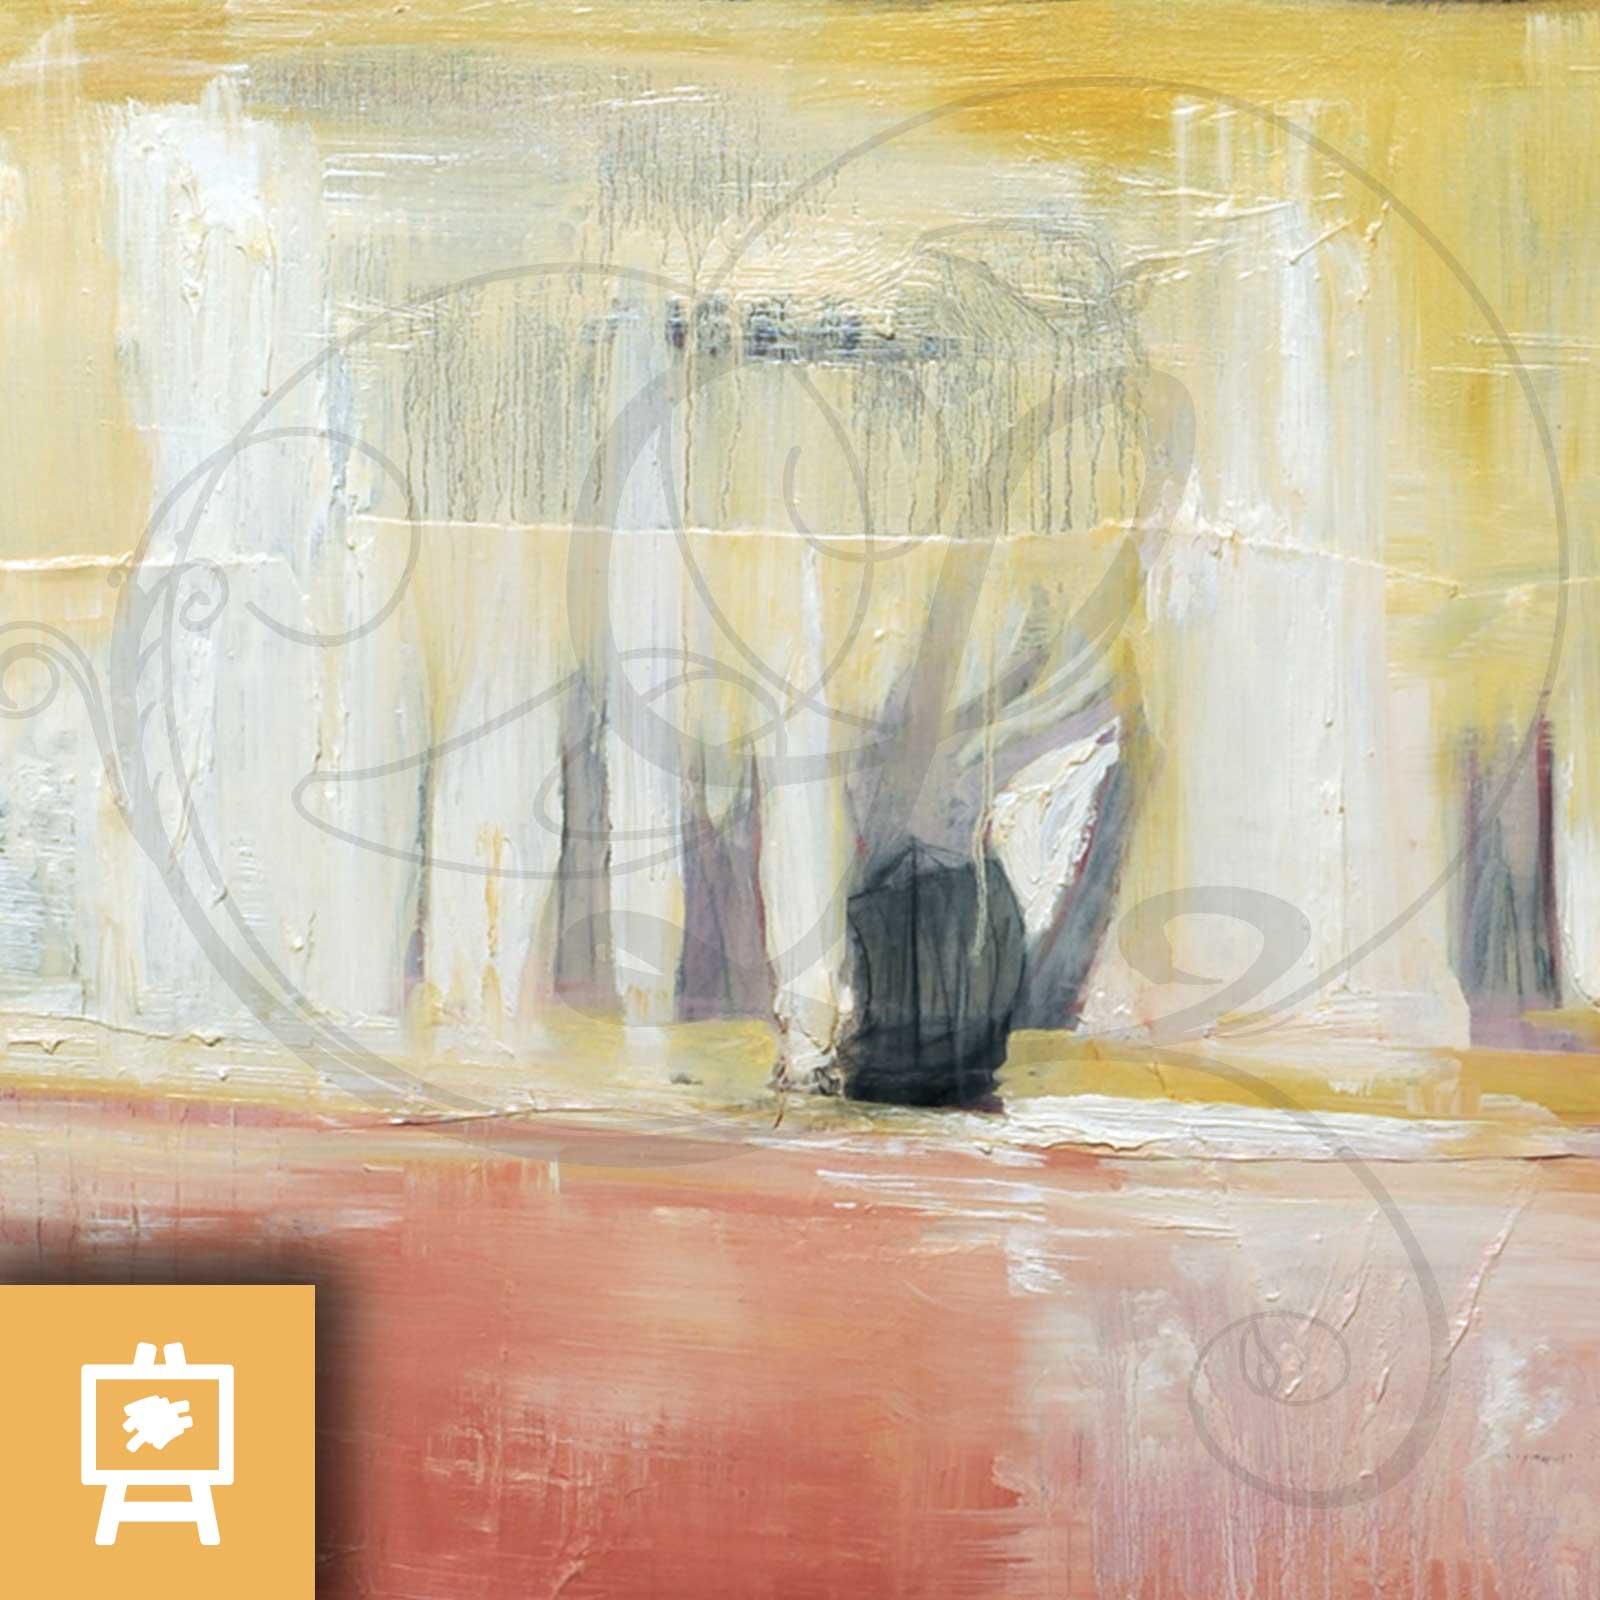 peinture-ile-soleil-delanssays-2